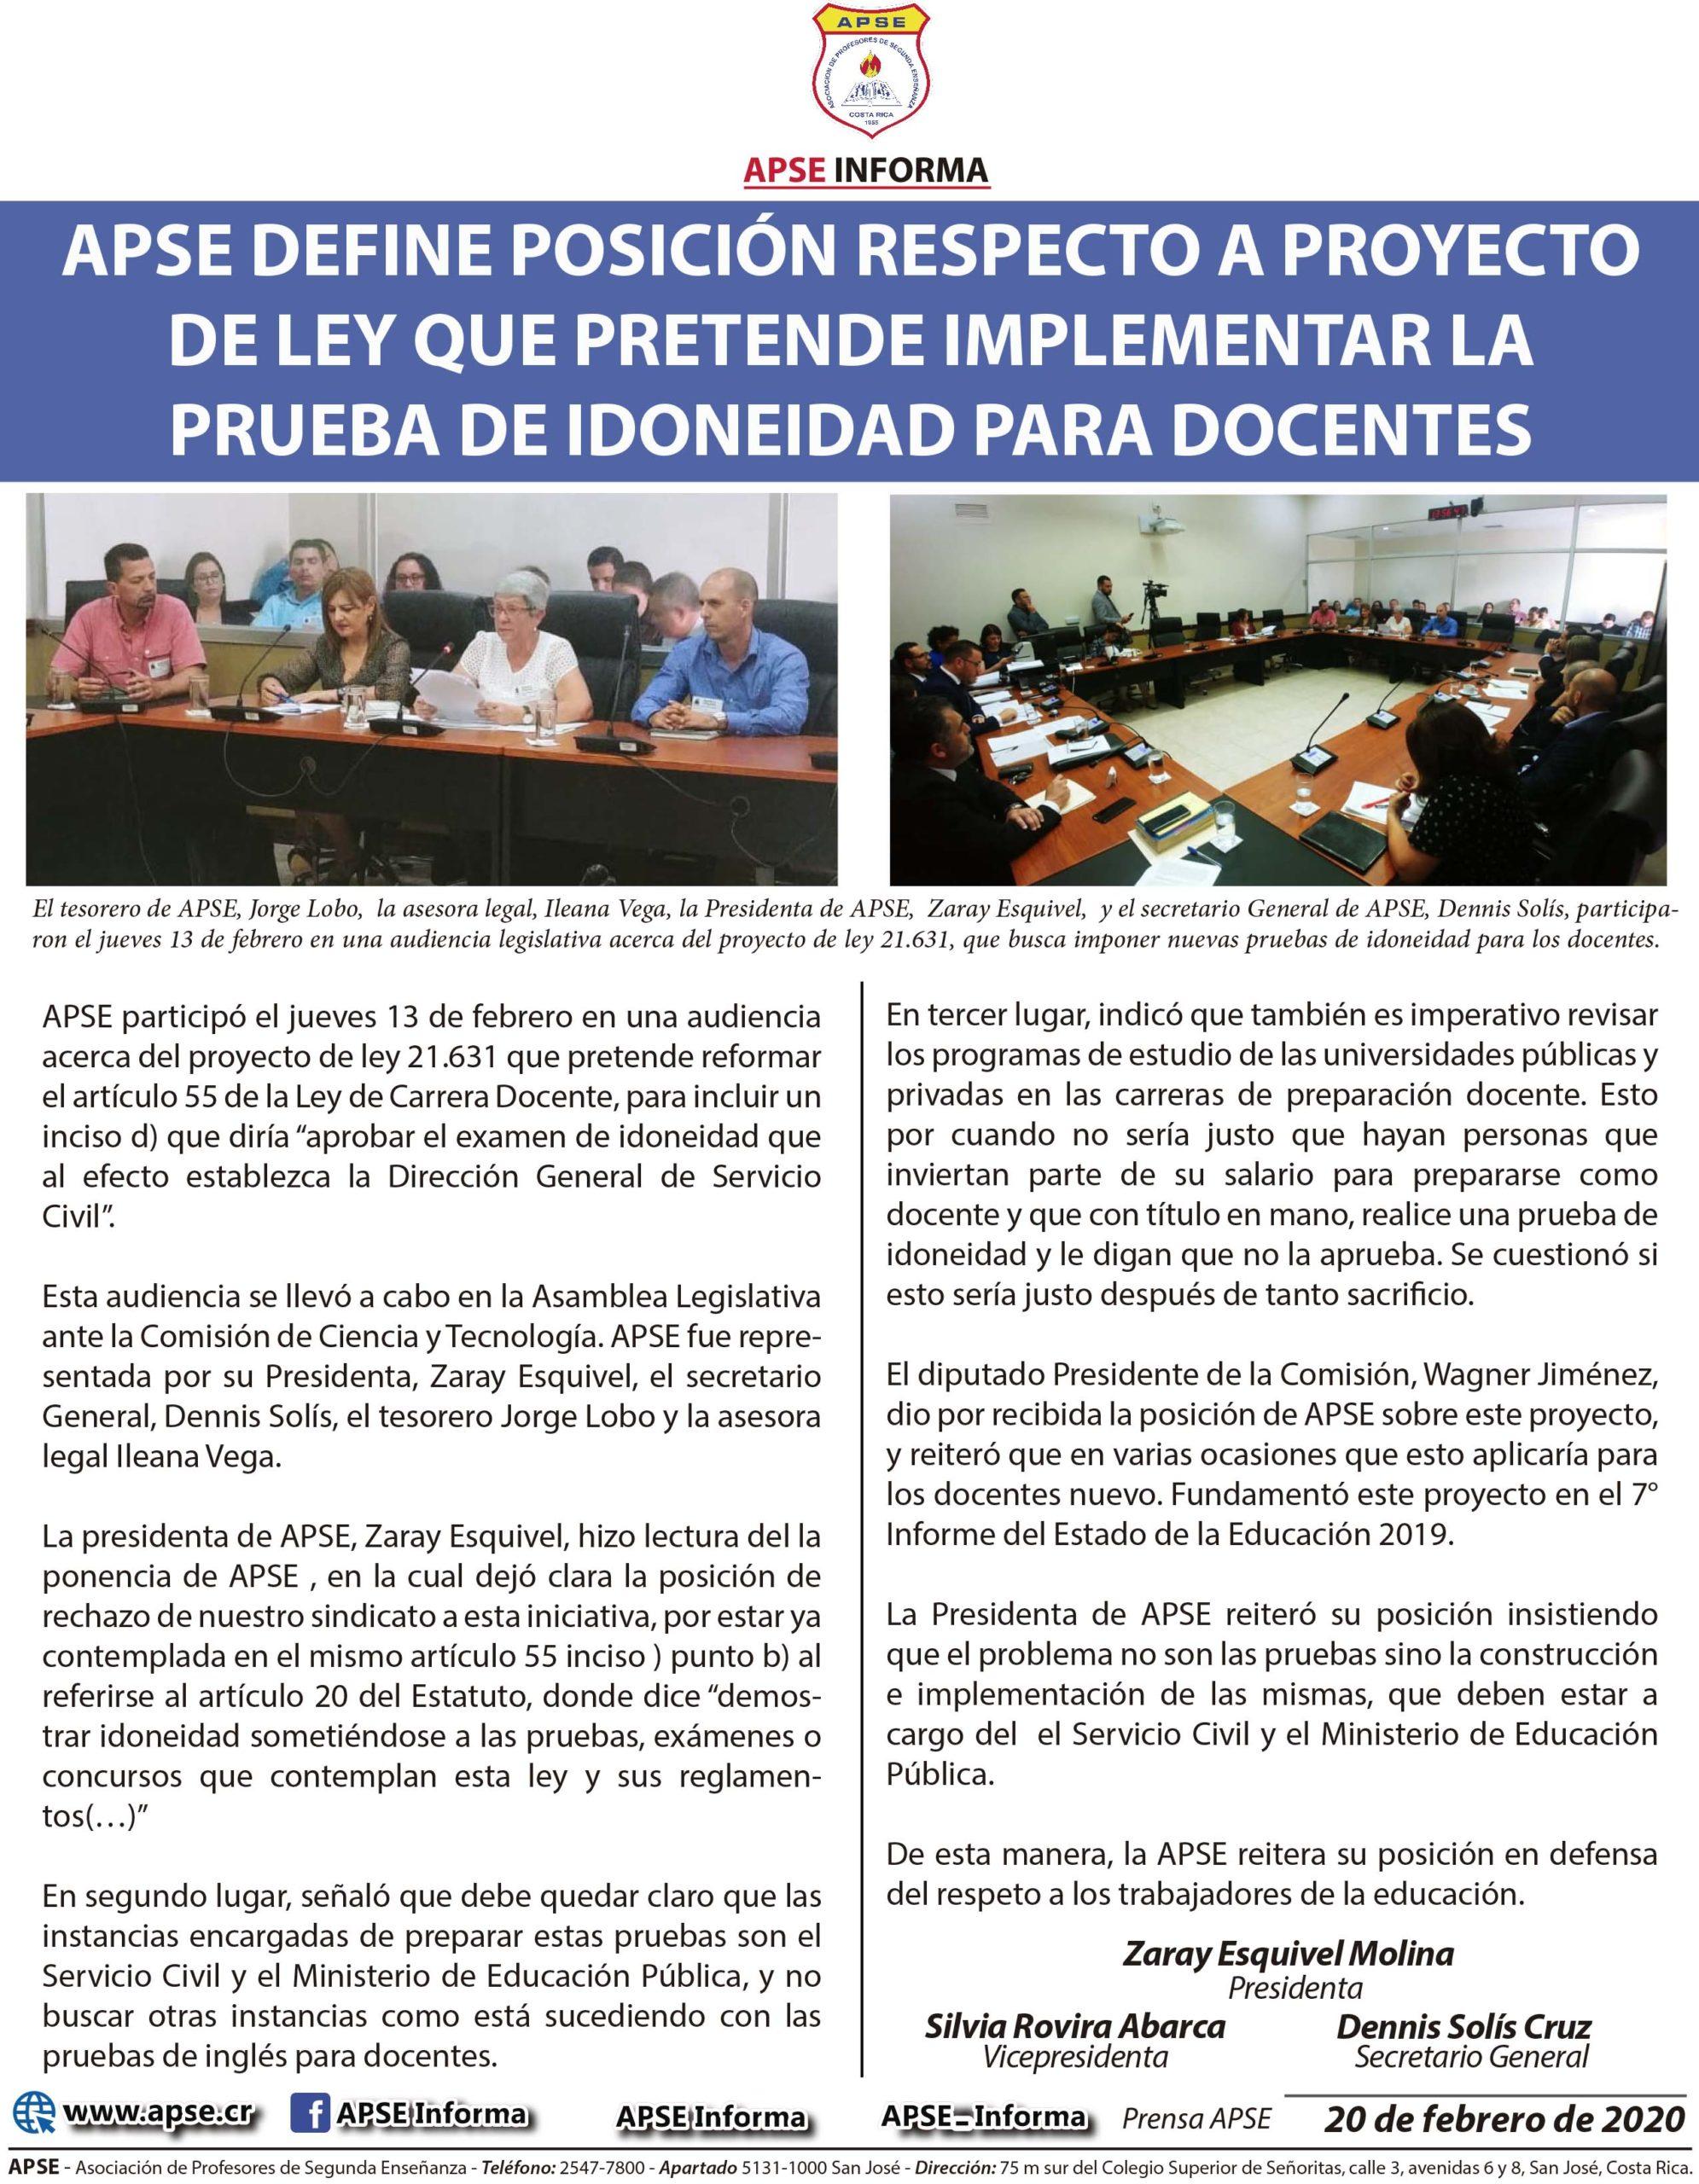 APSE DEFINE POSICIÓN RESPECTO A PROYECTO DE LEY QUE PRETENDE IMPLEMENTAR LA PRUEBA DE IDONEIDAD PARA DOCENTES